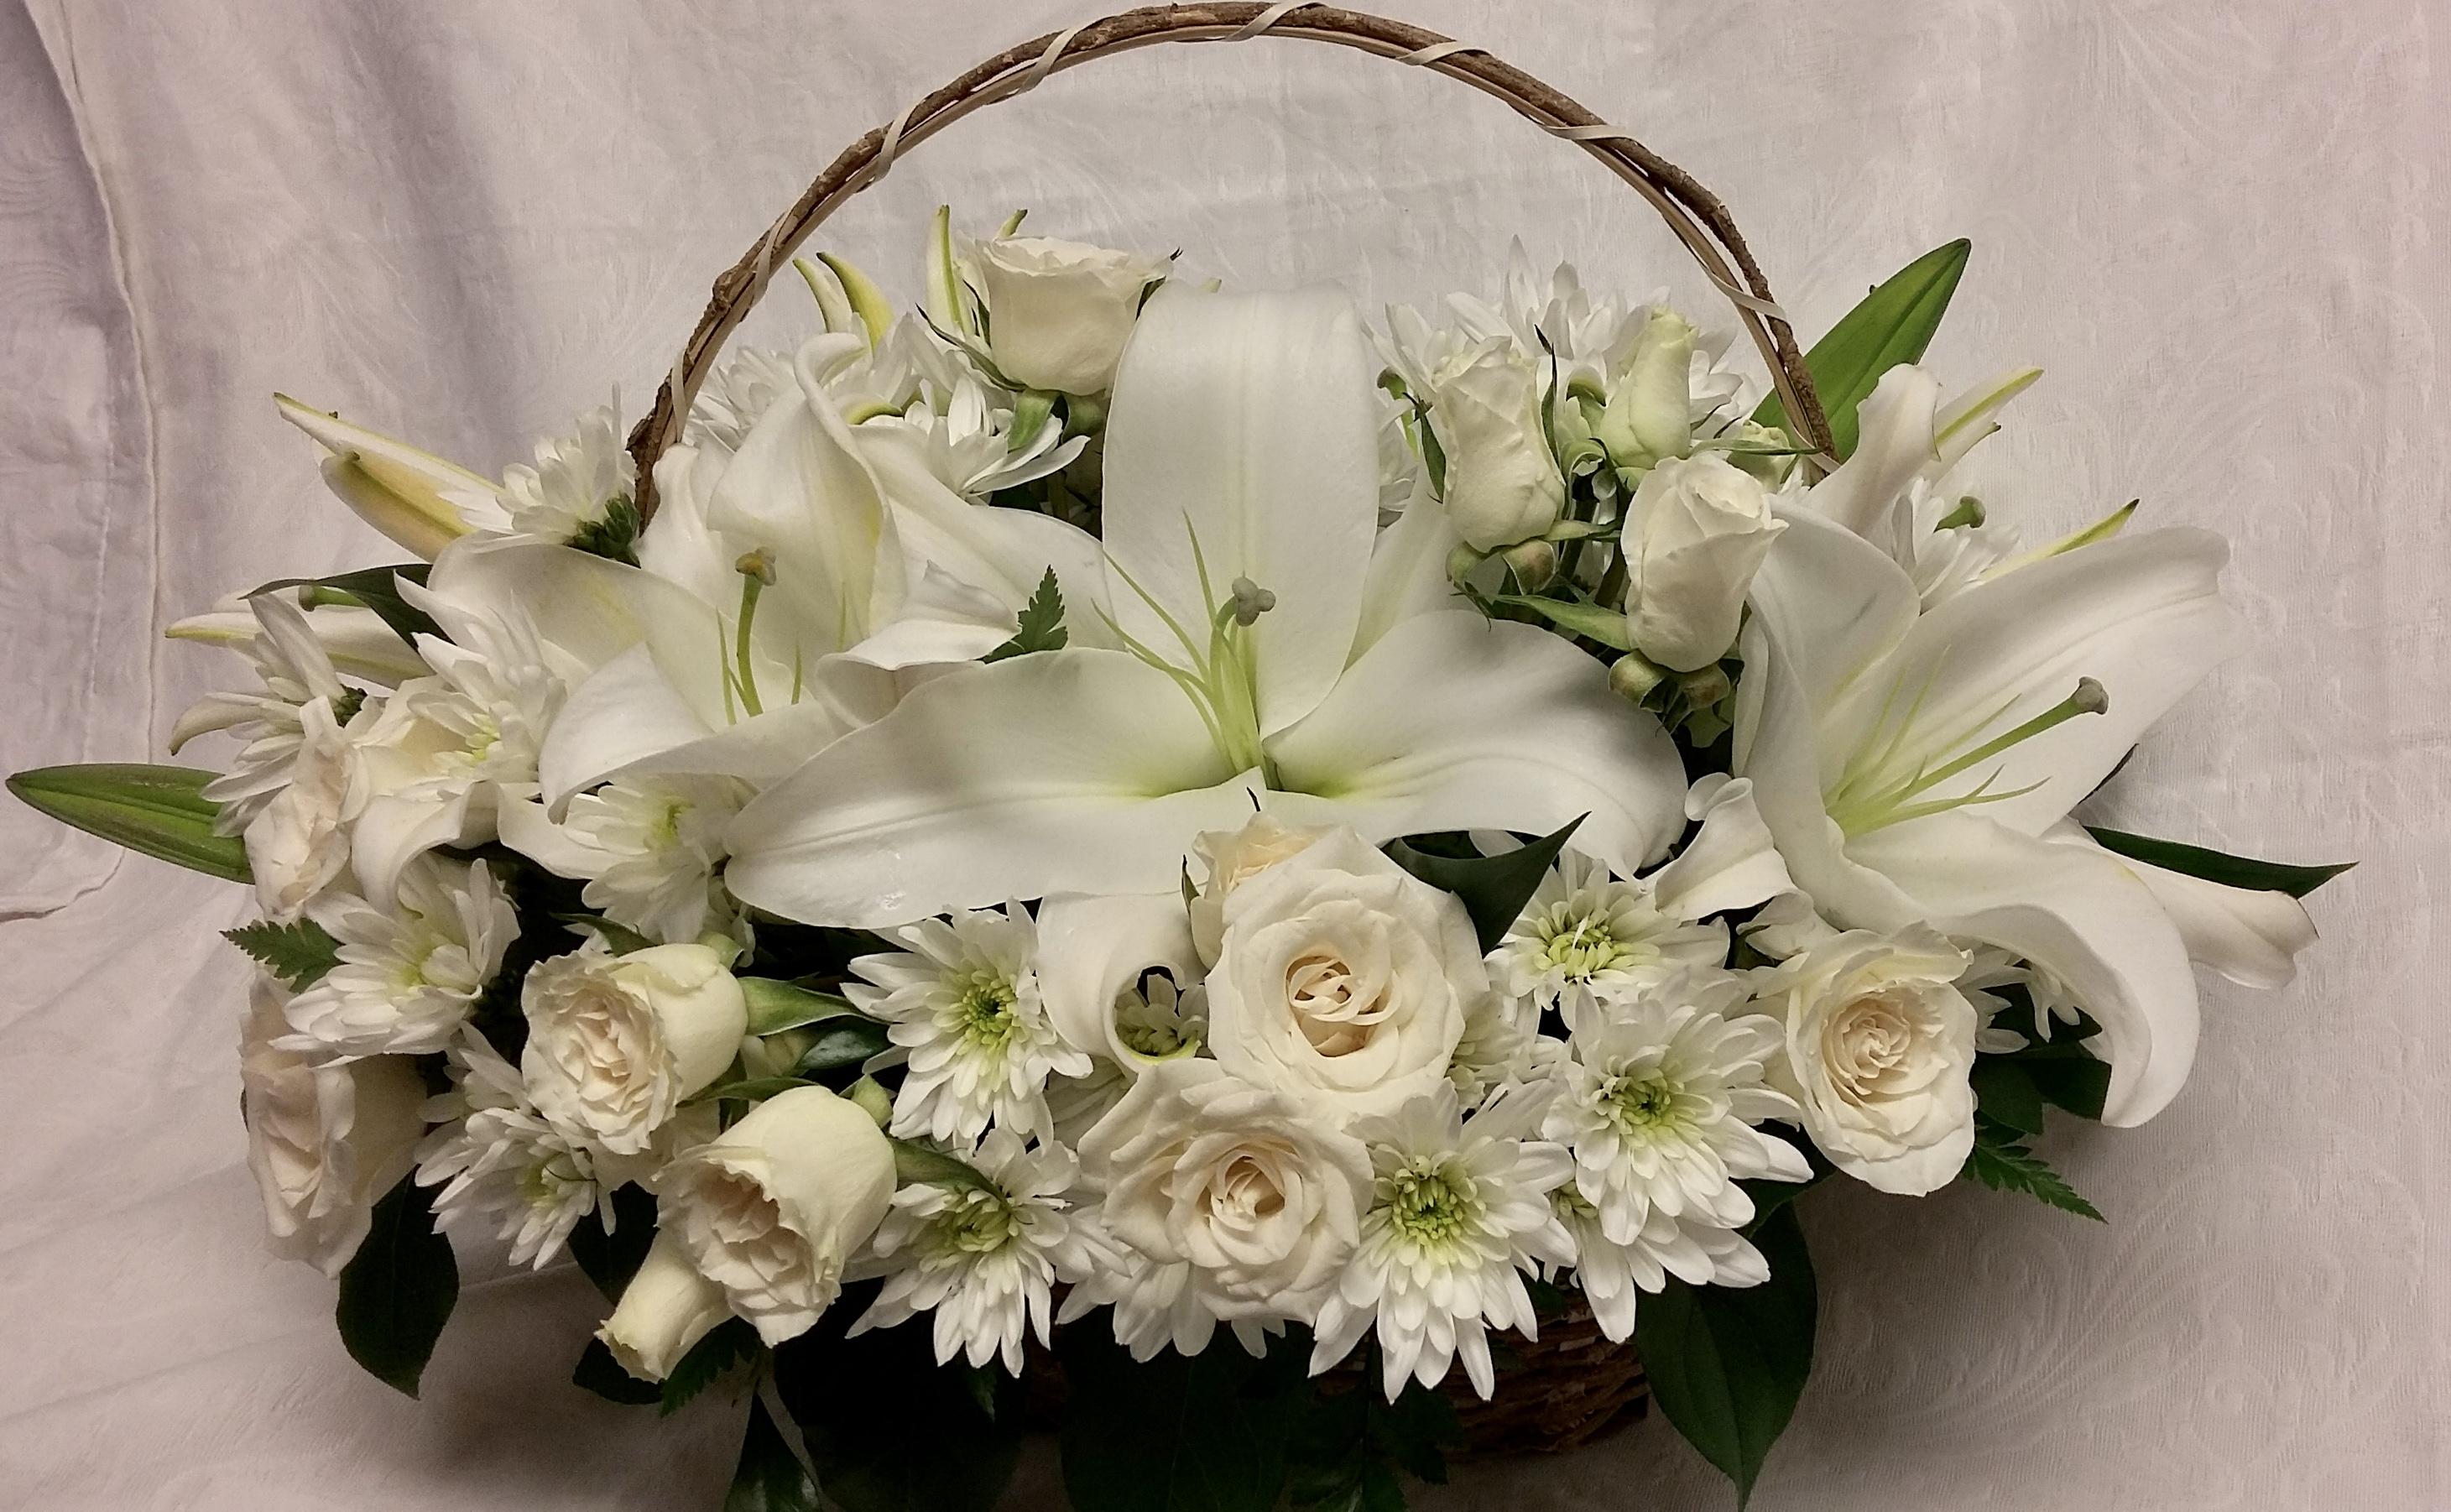 Sympathy arrangements flower girlz inc fort walton beach fl izmirmasajfo